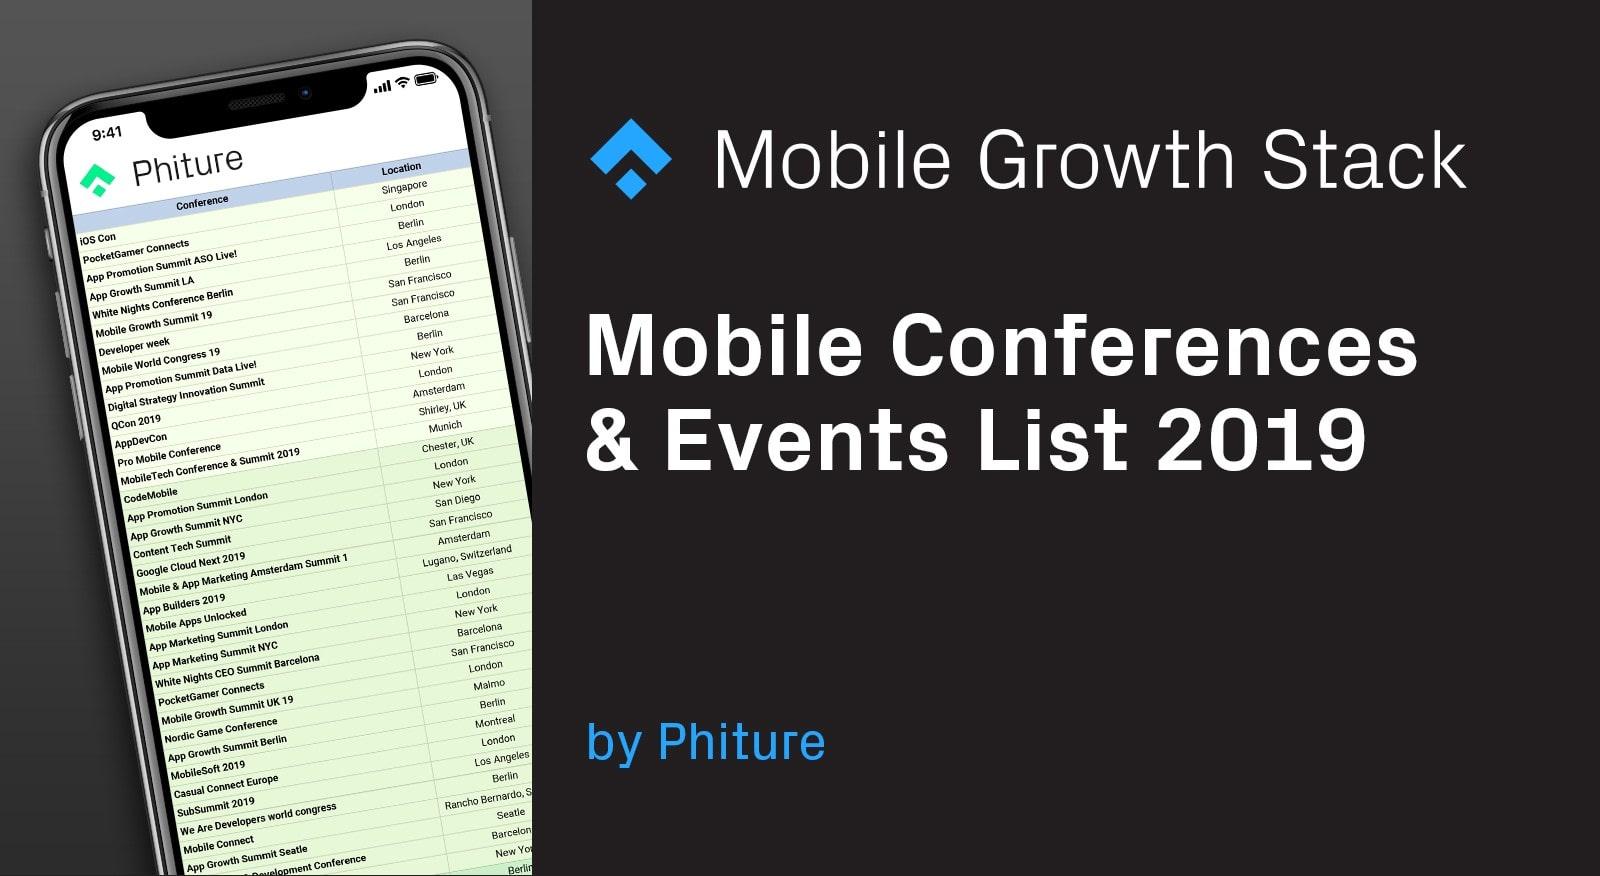 Mobile Conferences & Events List 2019